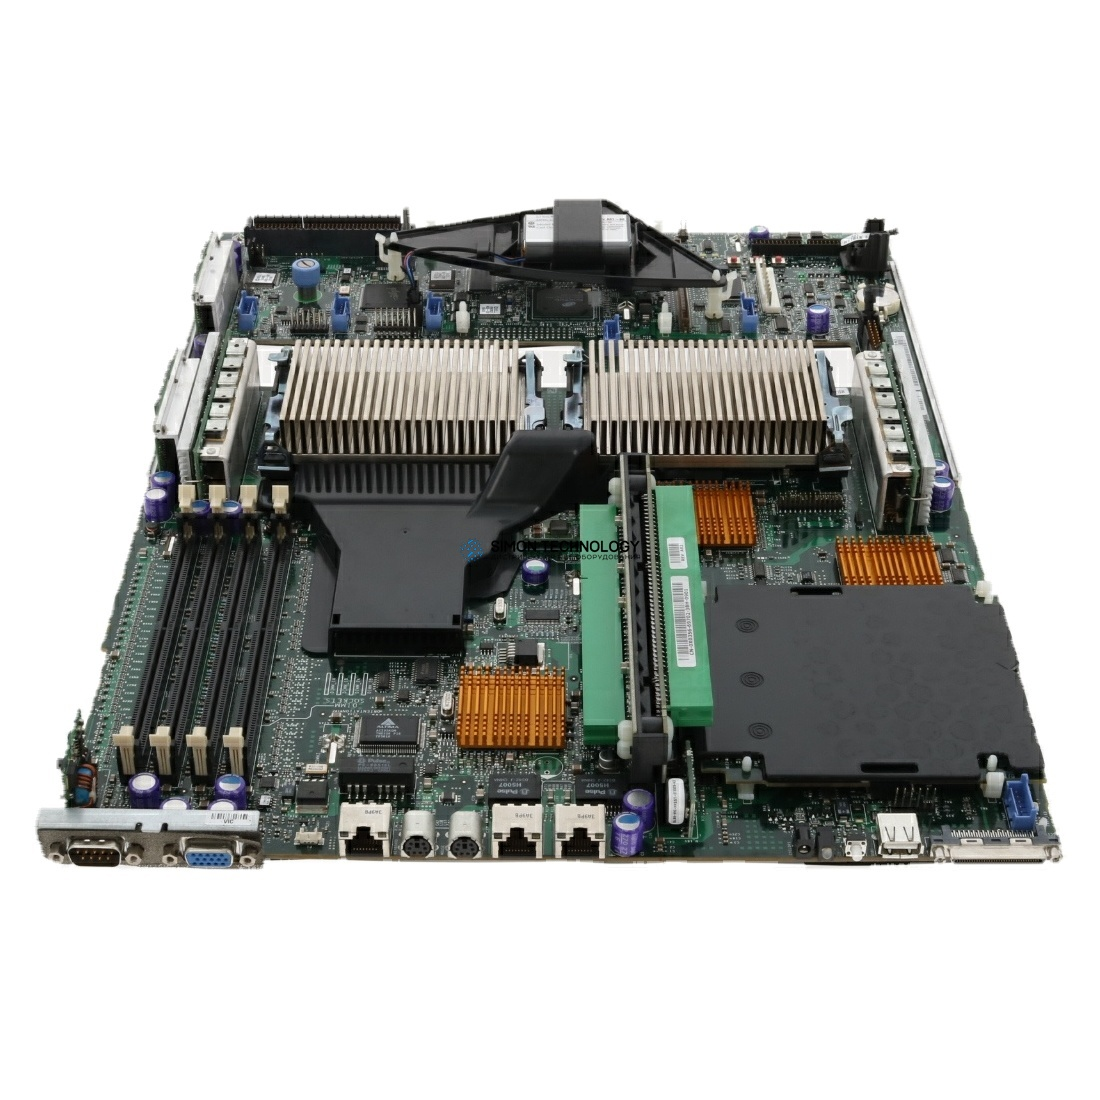 Материнская плата Dell PowerEdge 1750 3x3.5 J3014 Ask for custom qoute (PE1750-LFF-3-J3014)